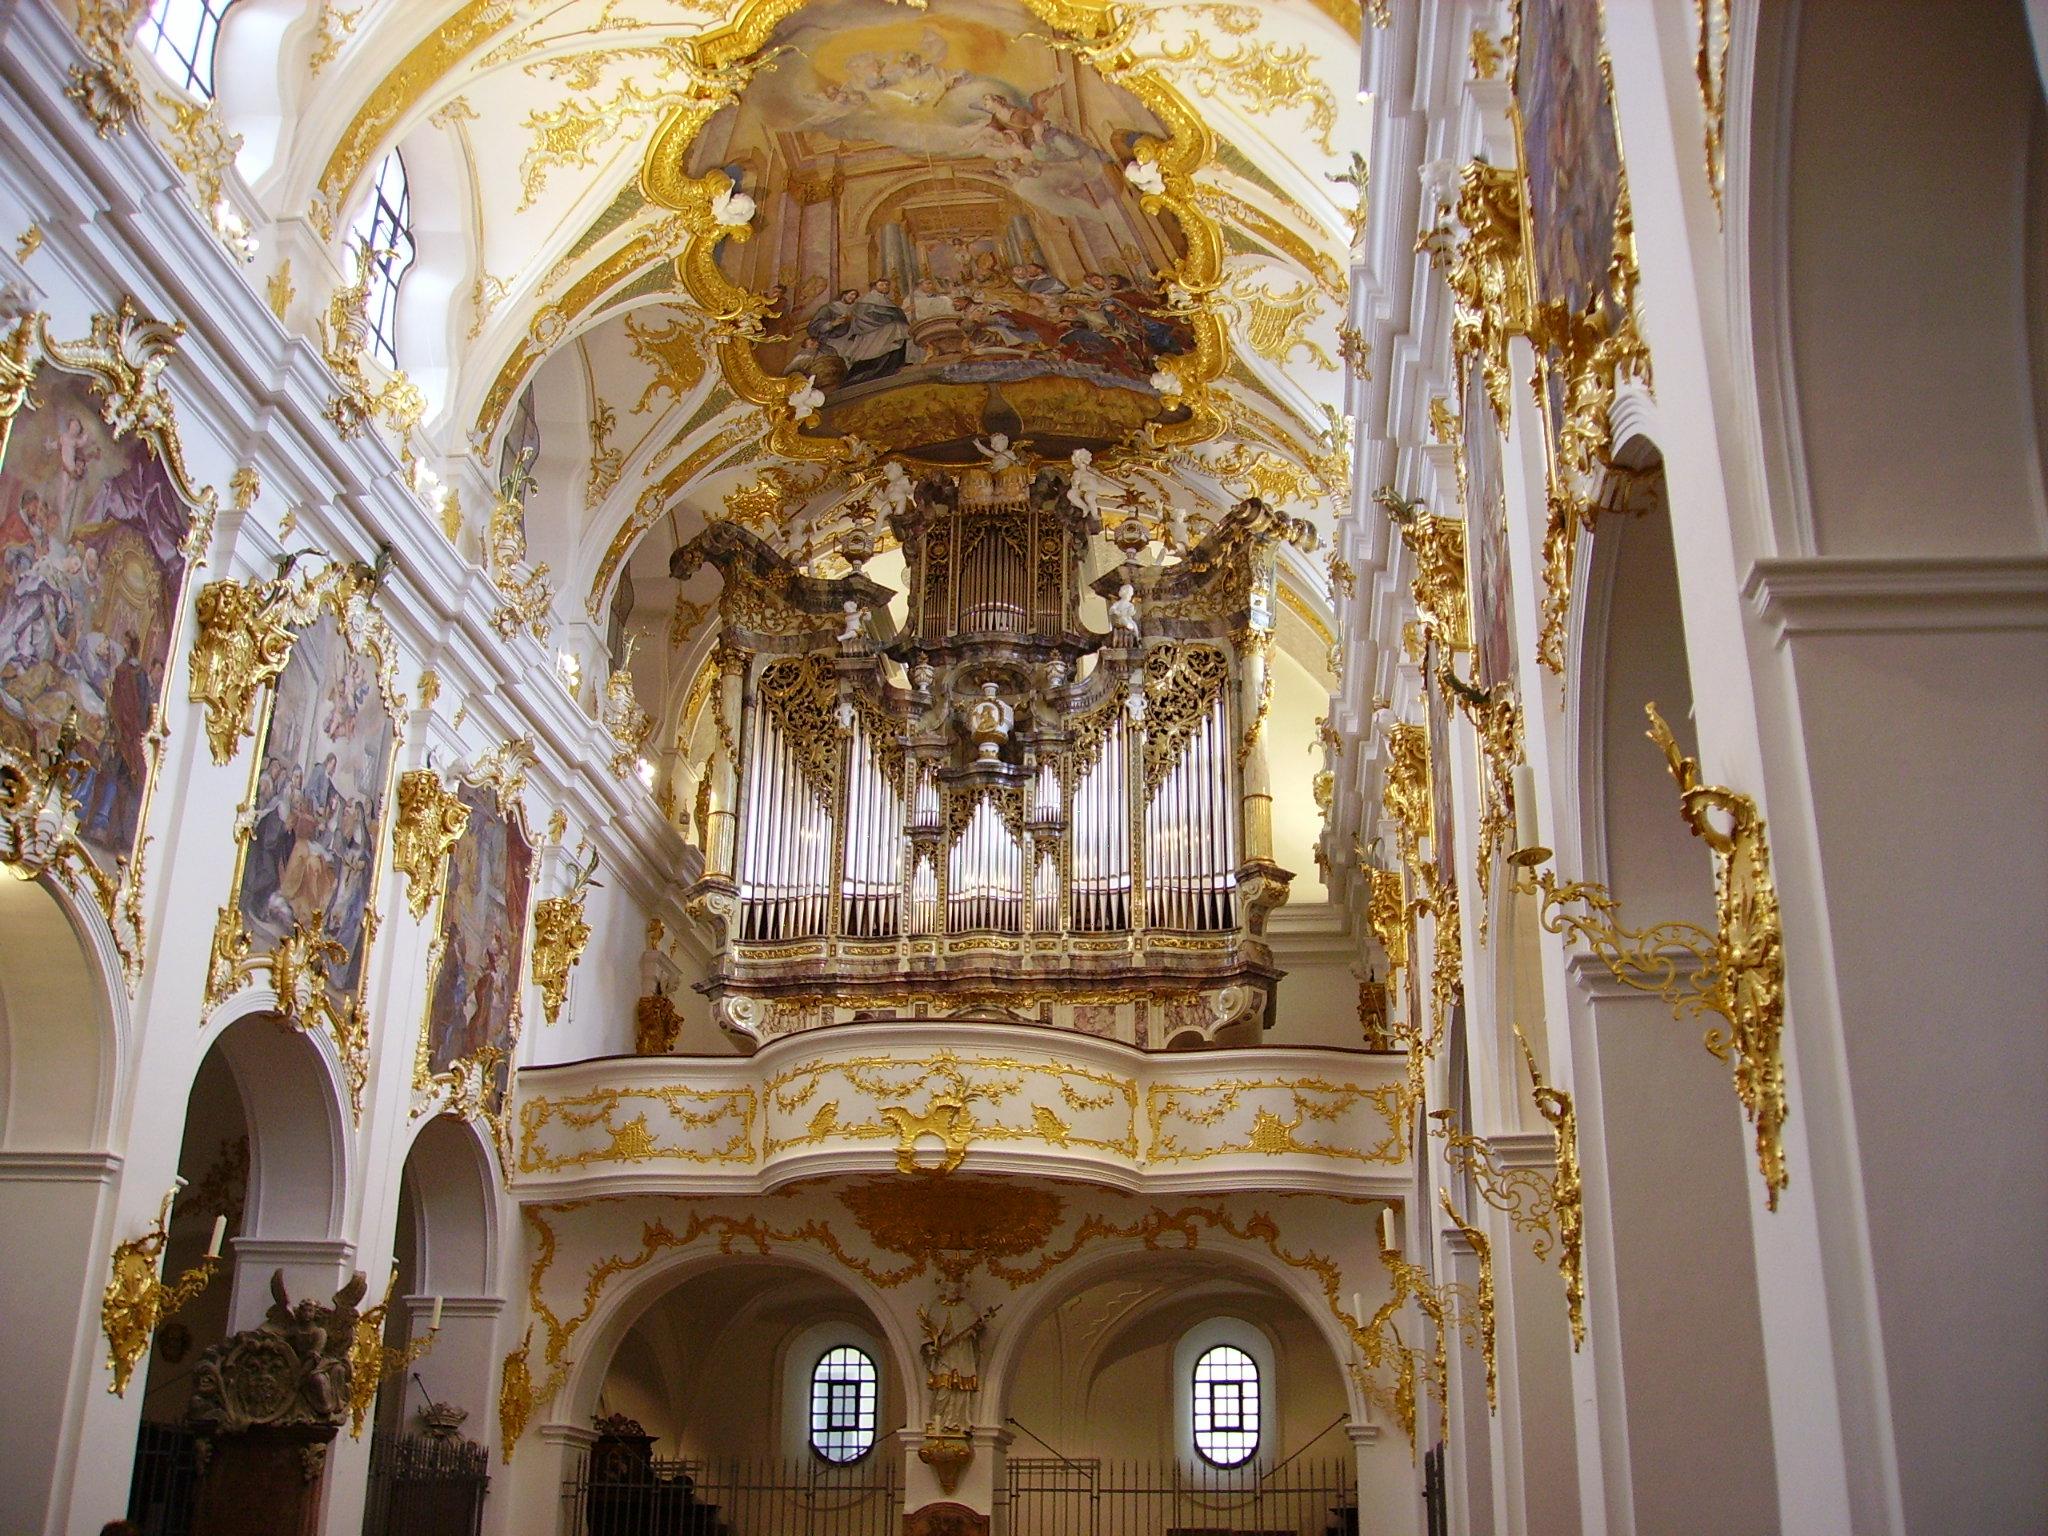 File:Regensburg Basilika Unserer lieben Frau zur Alten